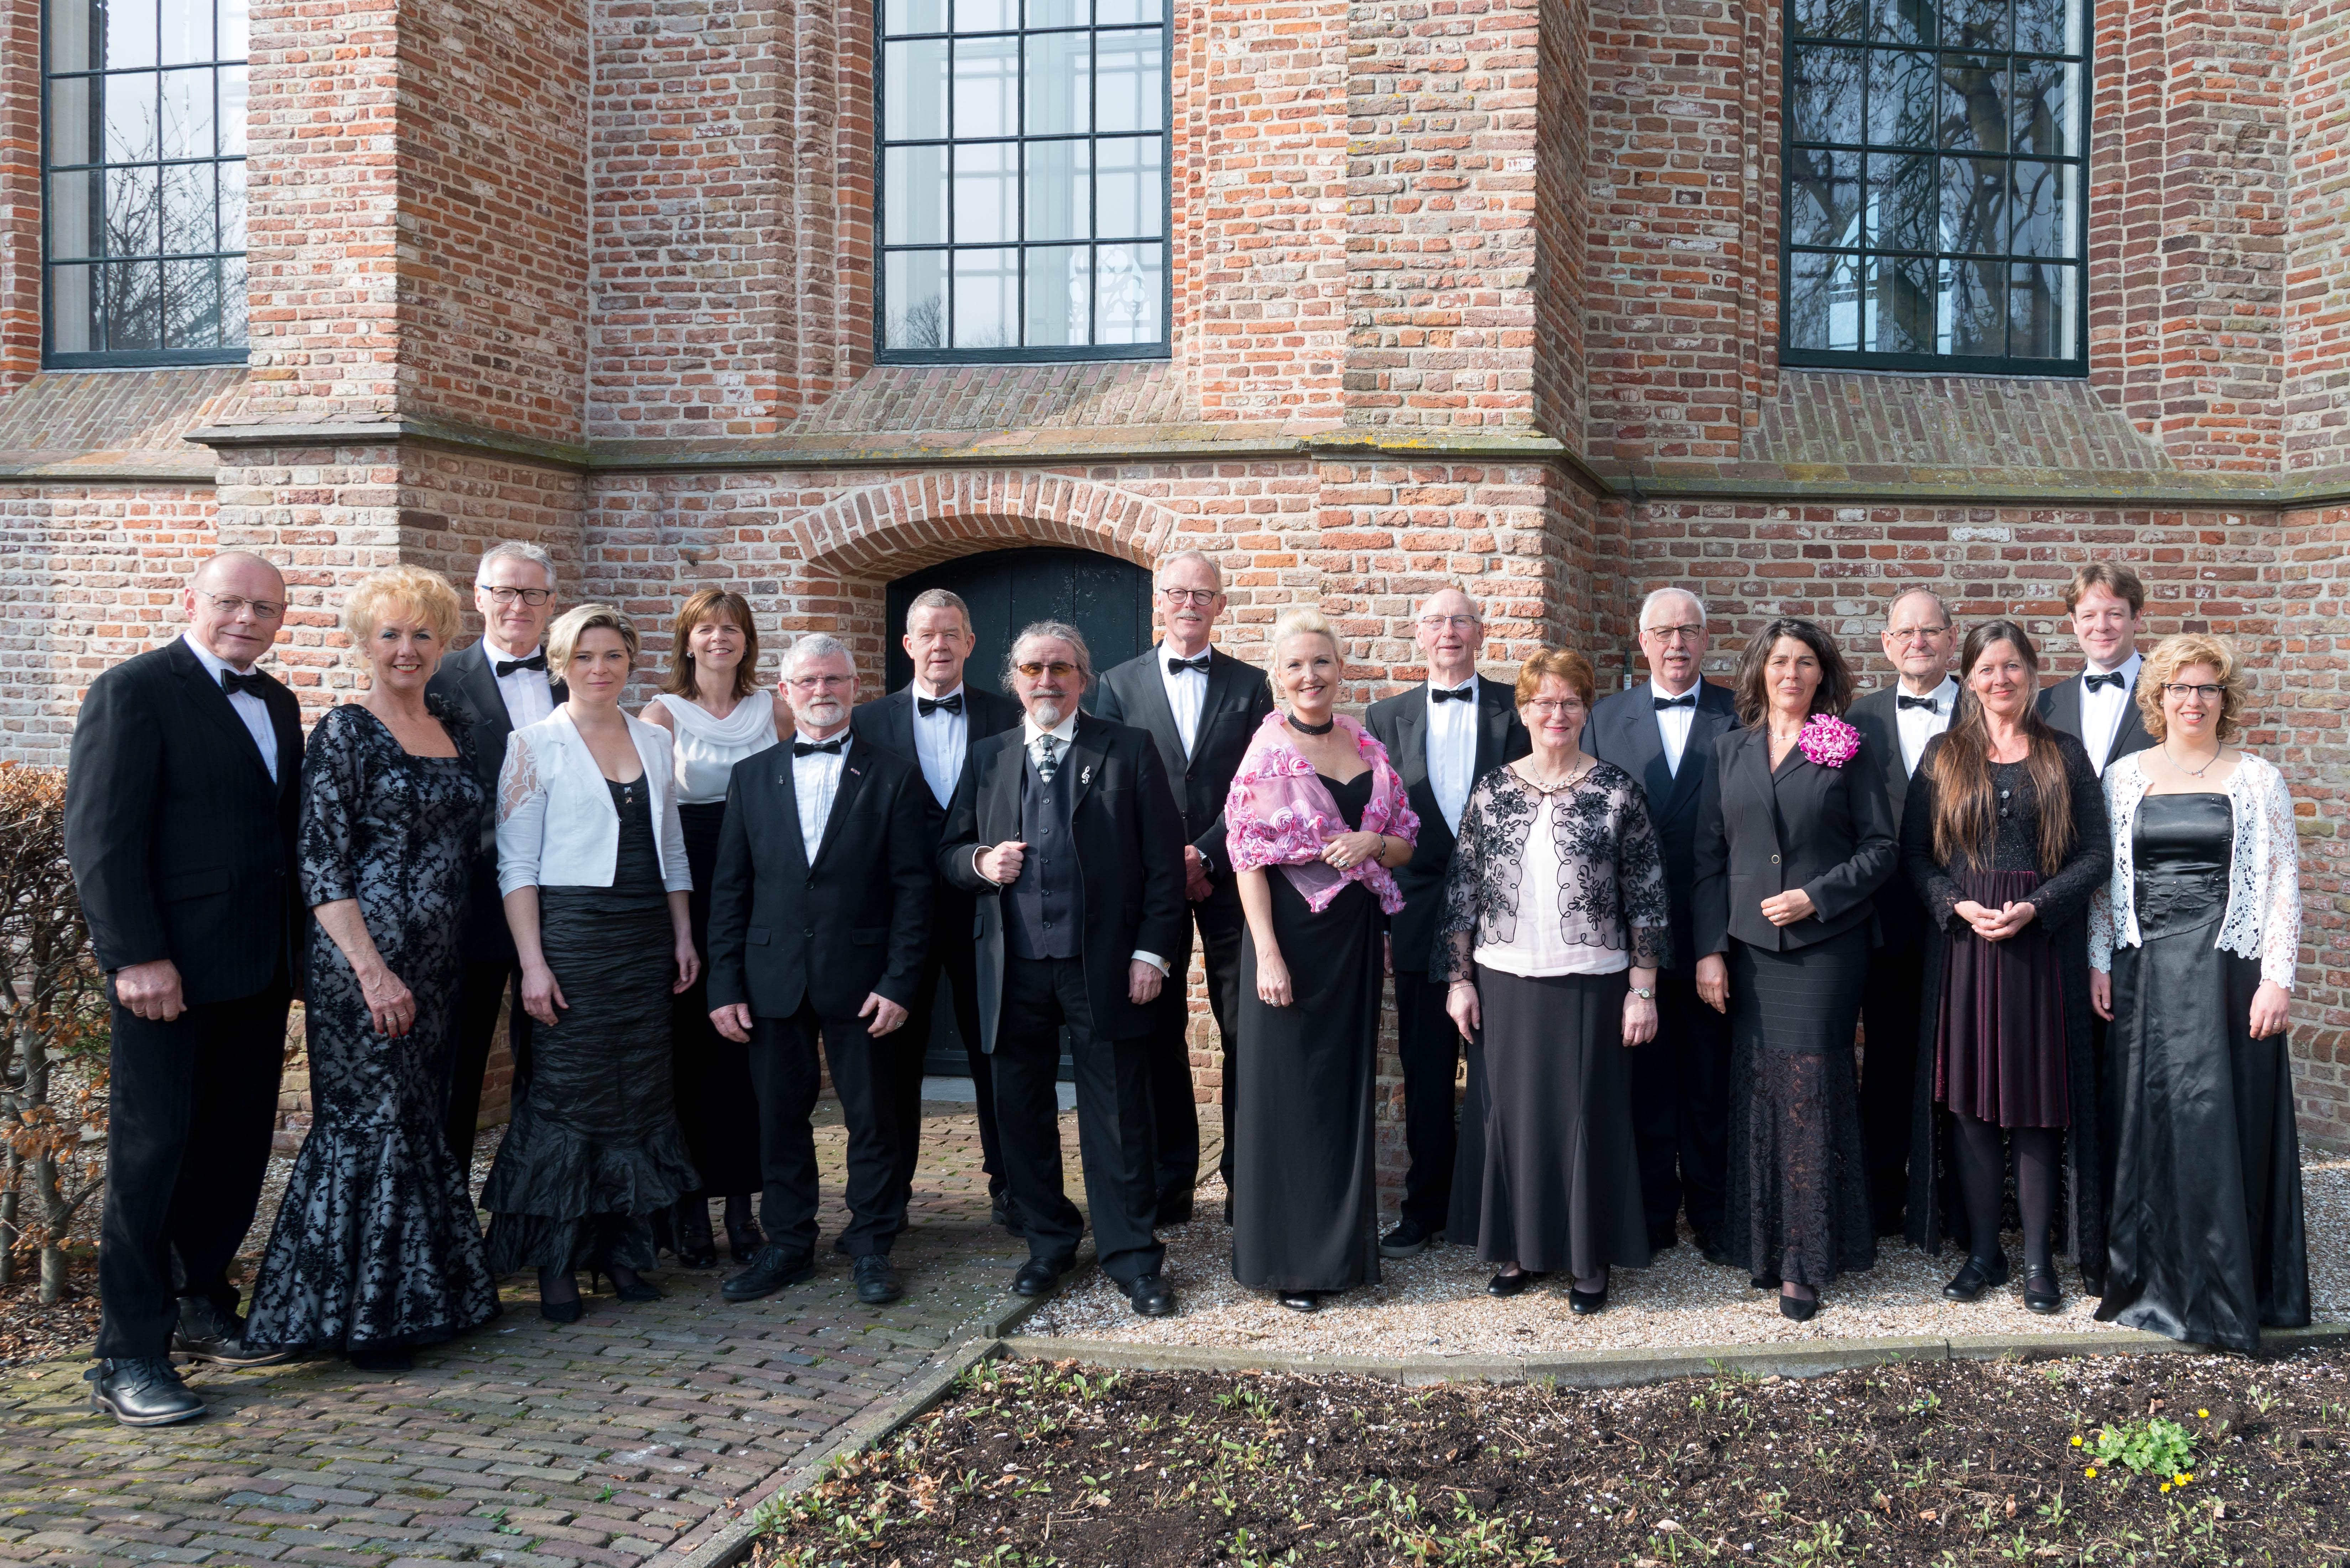 Het Opmeers Vocaal Ensemble zingt Krönungsmesse van Wolfgang Amadeus Mozart in de Bonifatiuskerk in Spanbroek. (Foto: aangeleverd)